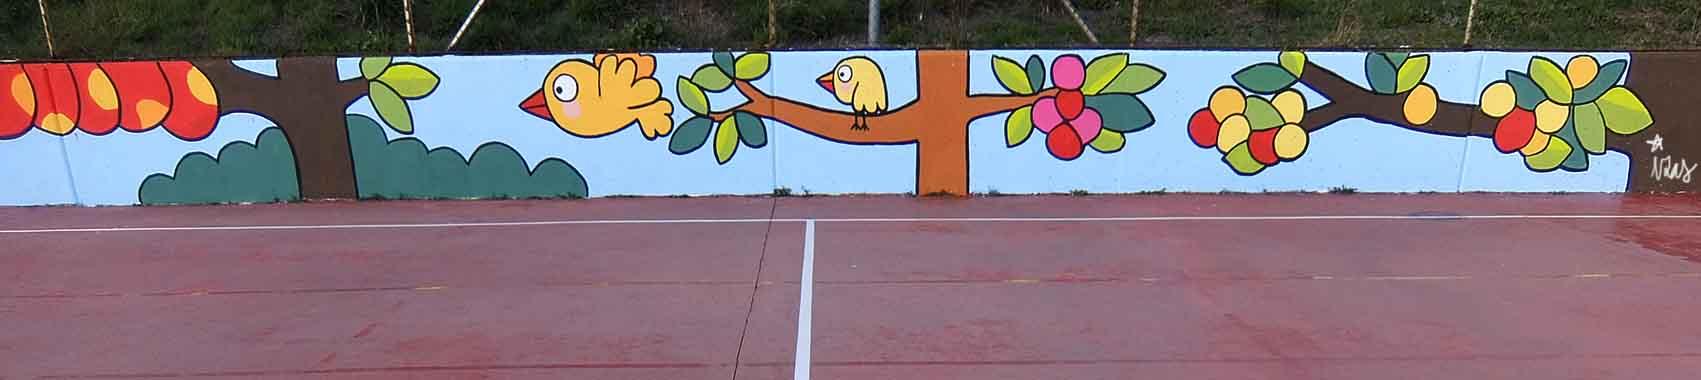 mural izas tierno galván multiusos 4